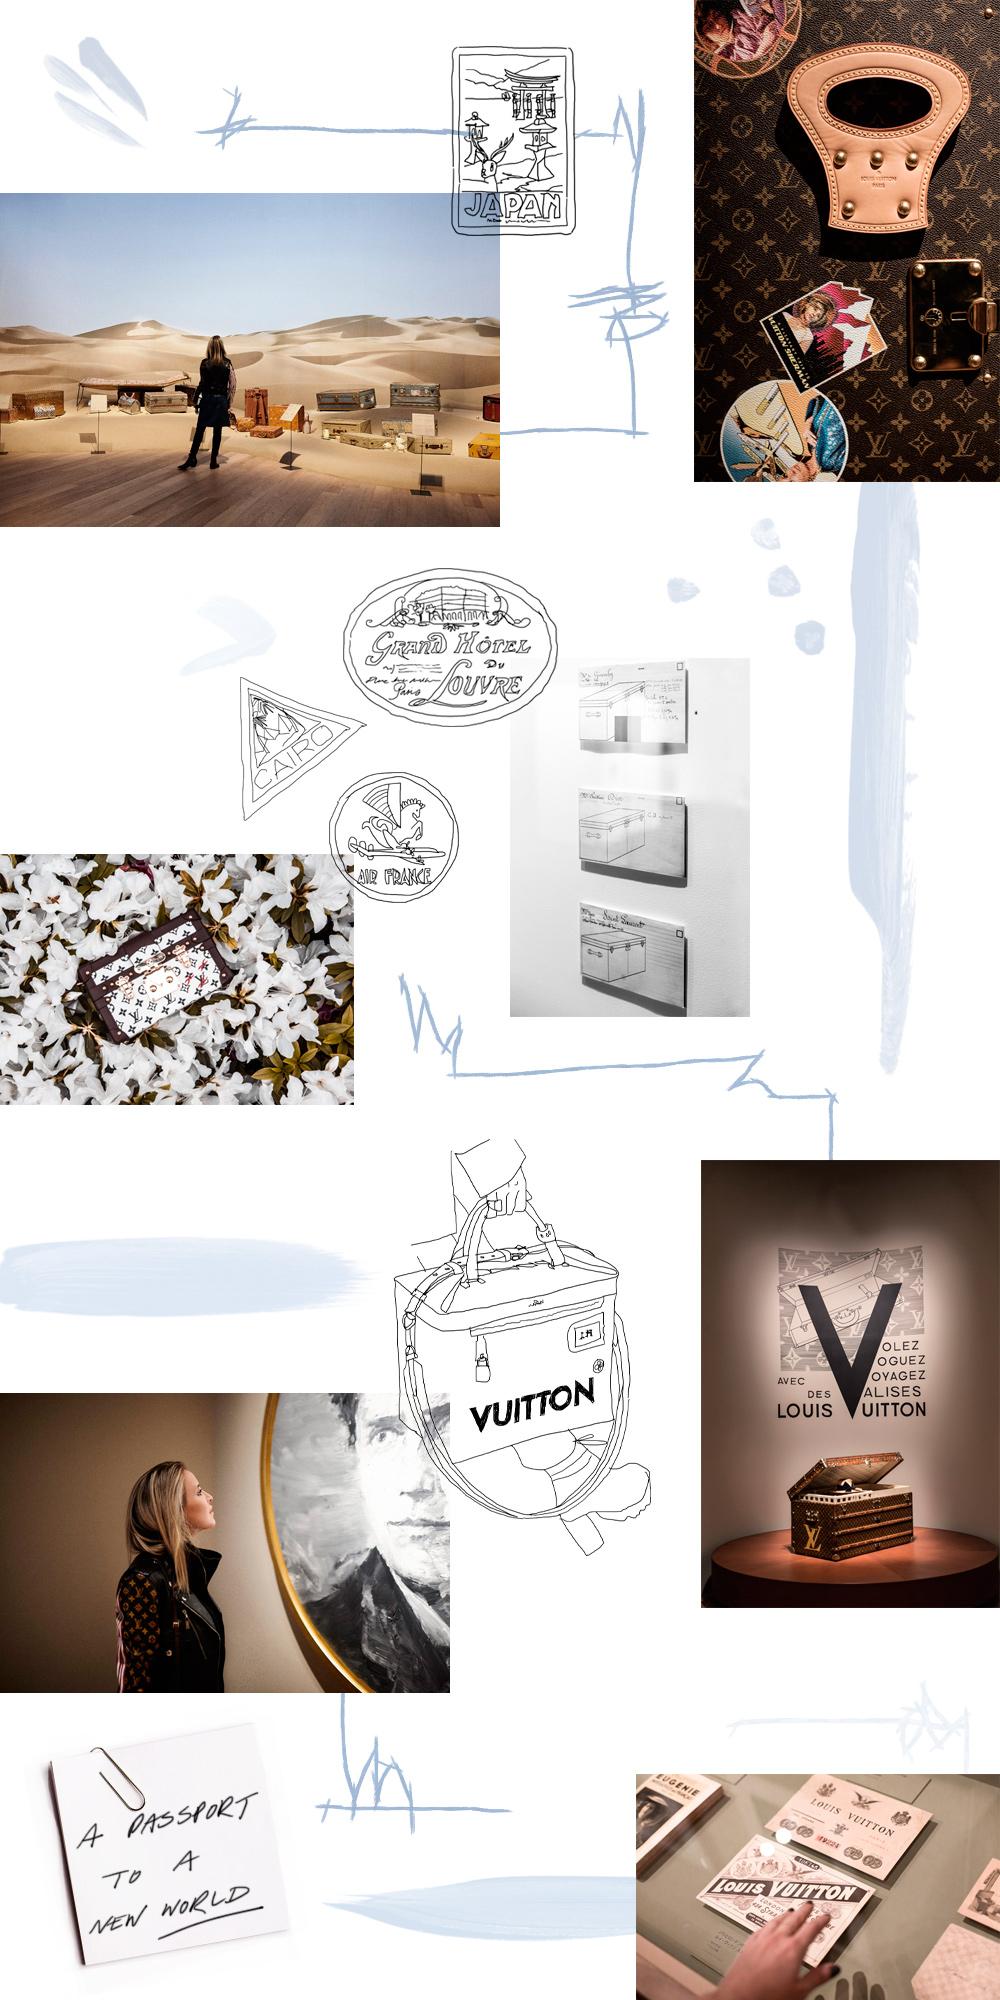 A-Louis-Vuitton-Volez-Voguez-Voyagez-Tokyo-Oracle-Fox.1